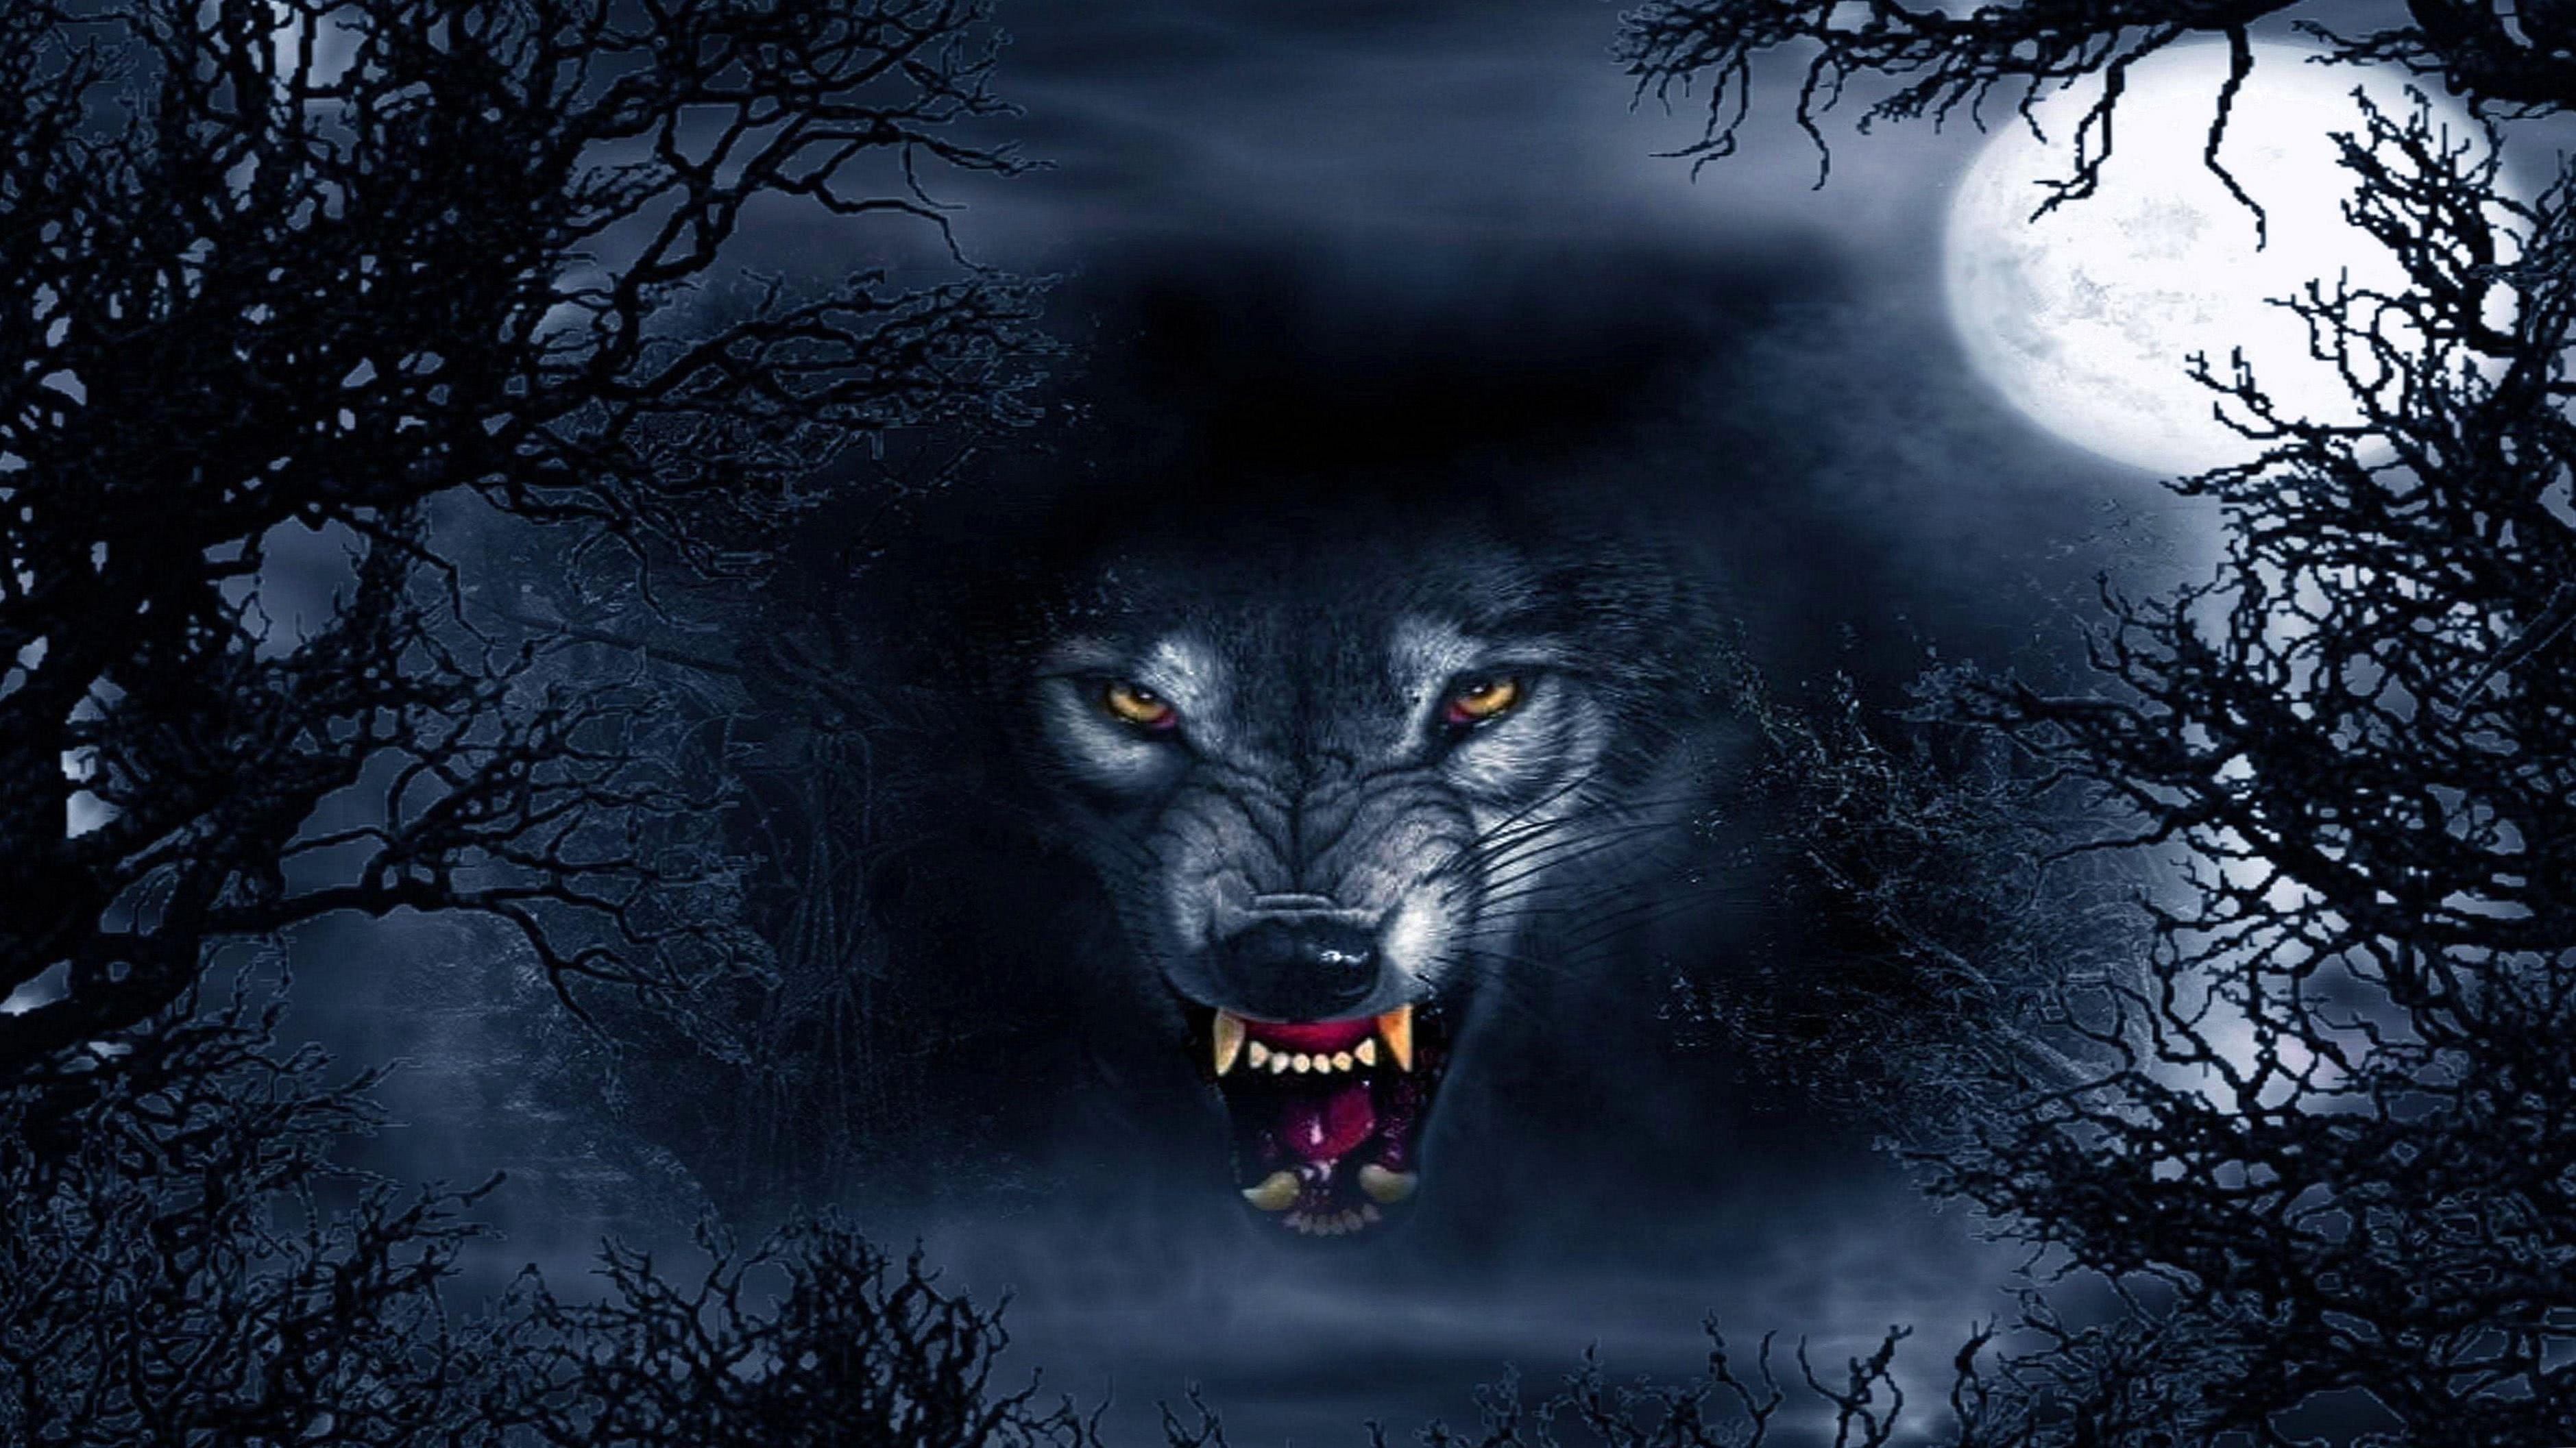 HD Wolf Head Wallpaper